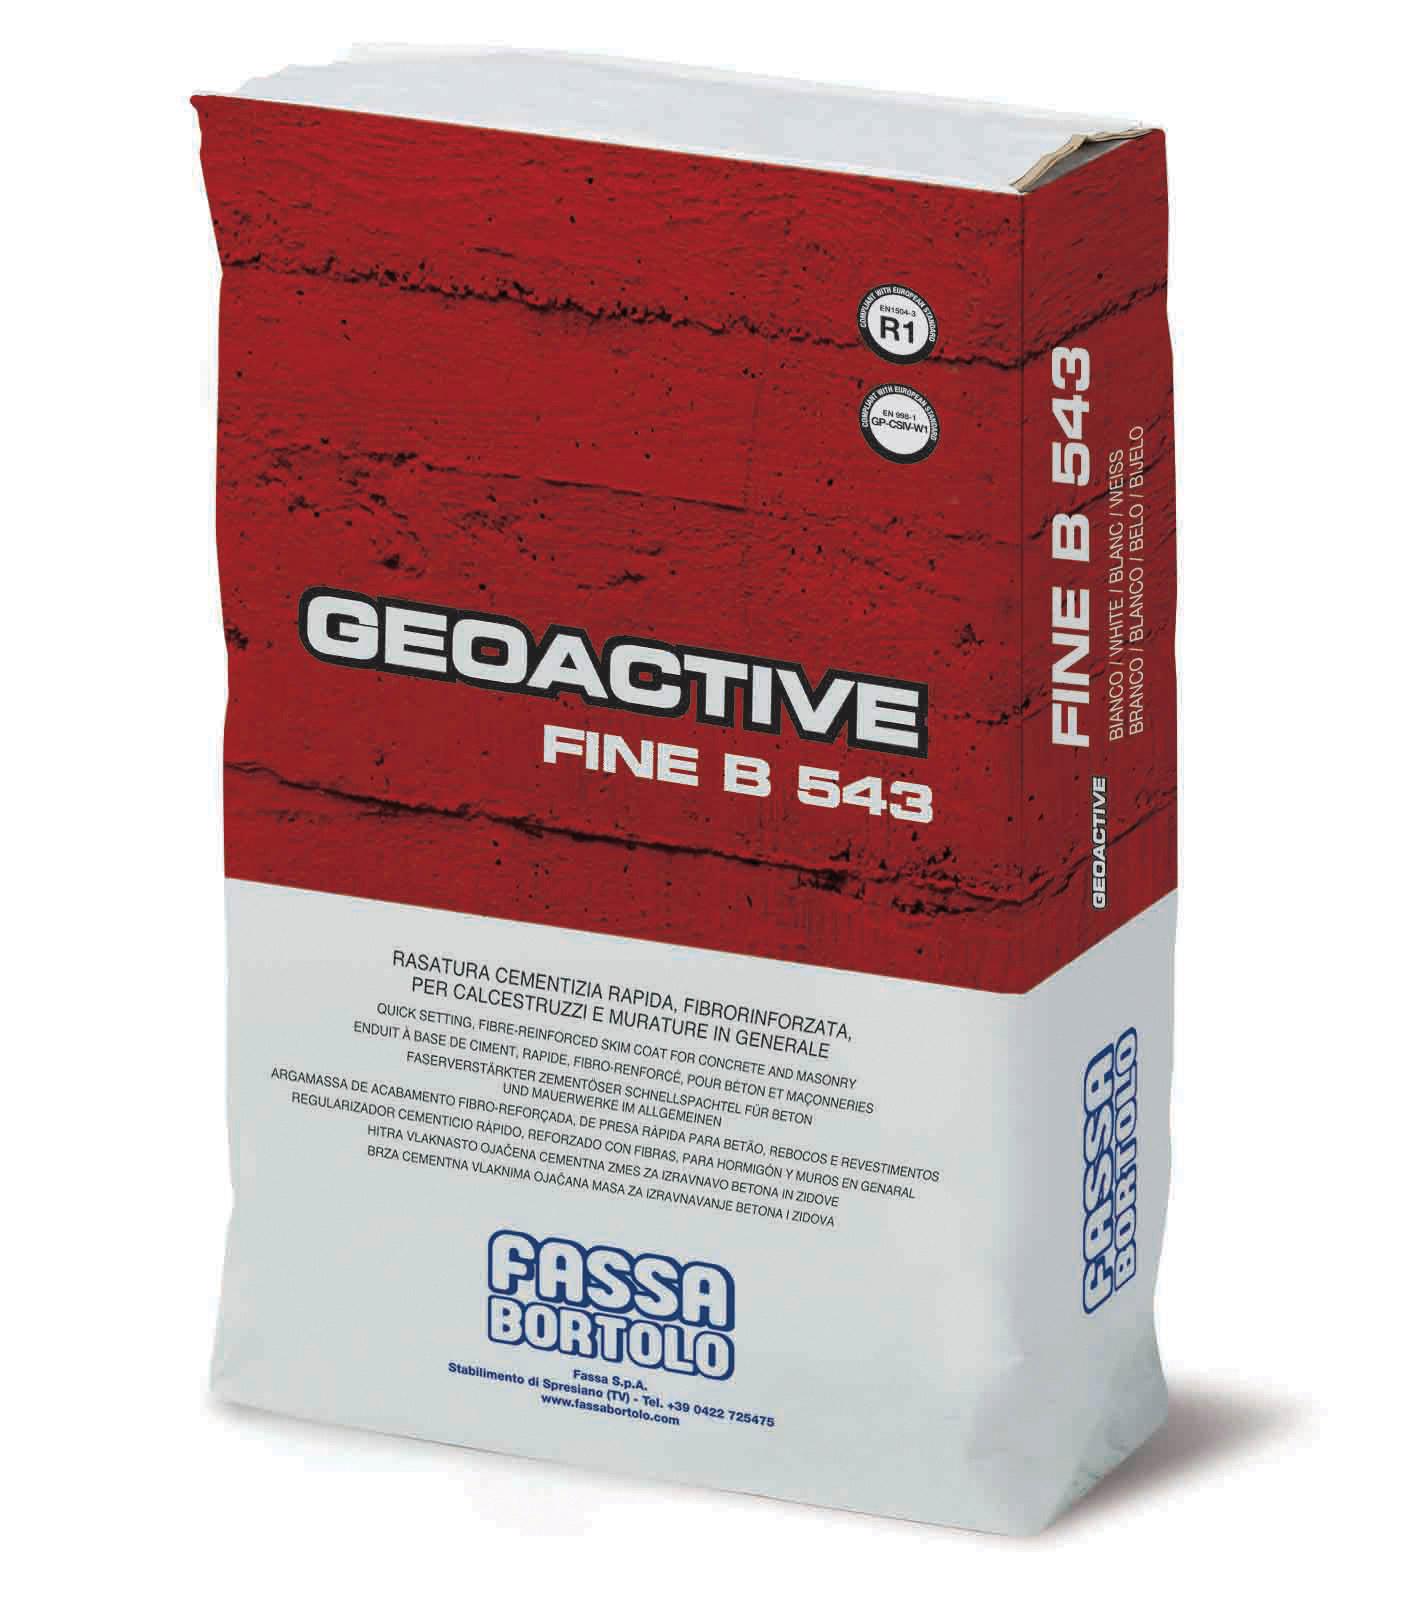 GEOACTIVE FINE B 543: Producto para enrasar cementoso rápido, reforzado con fibras, hidrófugo, blanco y gris para hormigón, revestimientos plásticos y enfoscados